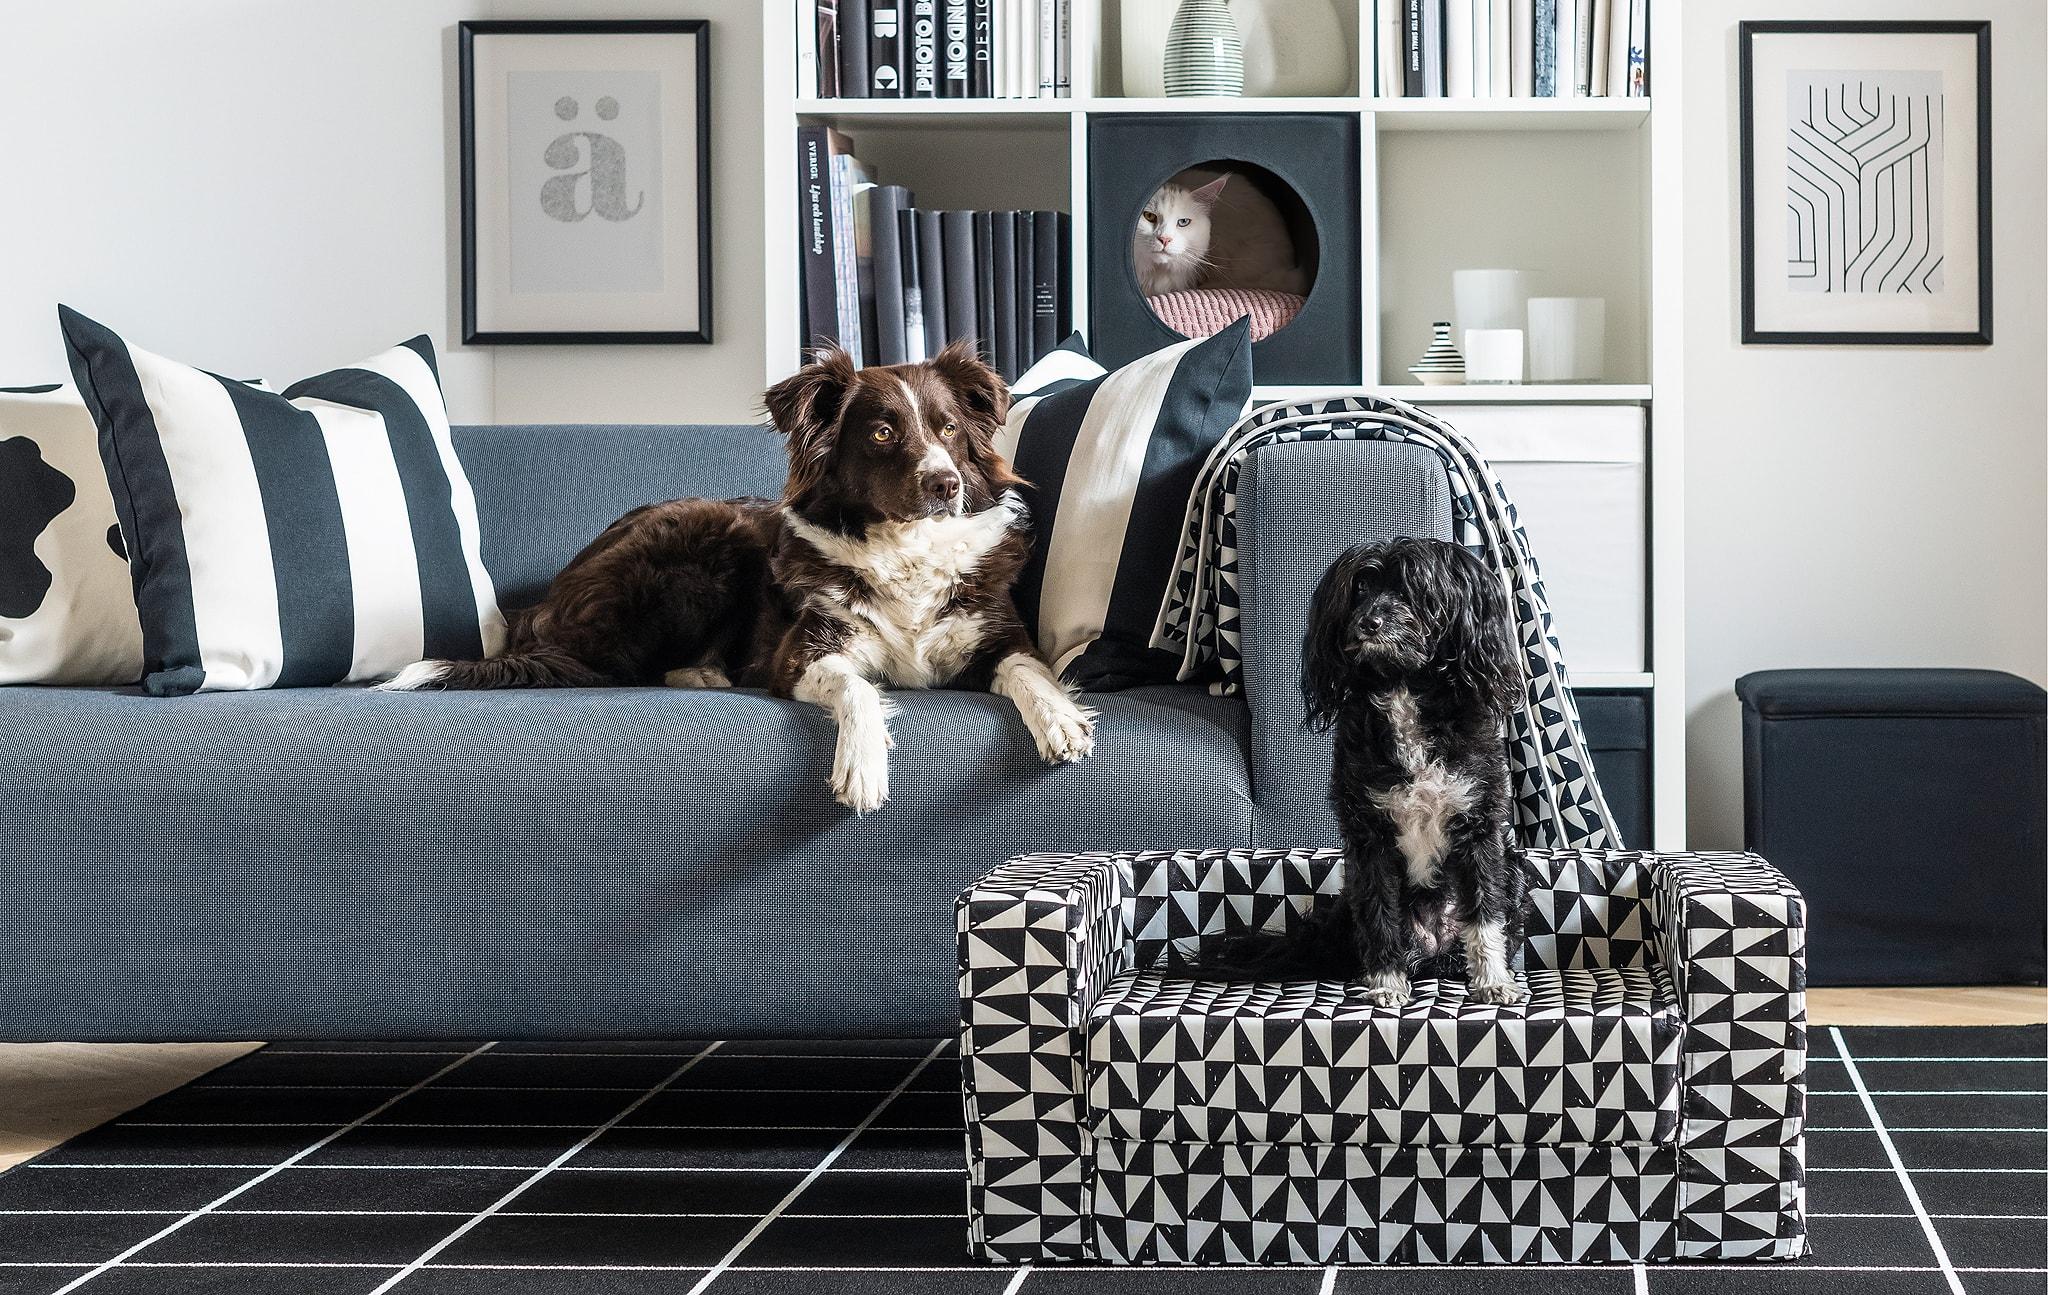 在客廳內有兩隻狗,一隻躺在梳化上,另一隻坐在前方的梳化上,還有一隻貓在後方書架上的貓屋探頭而出。